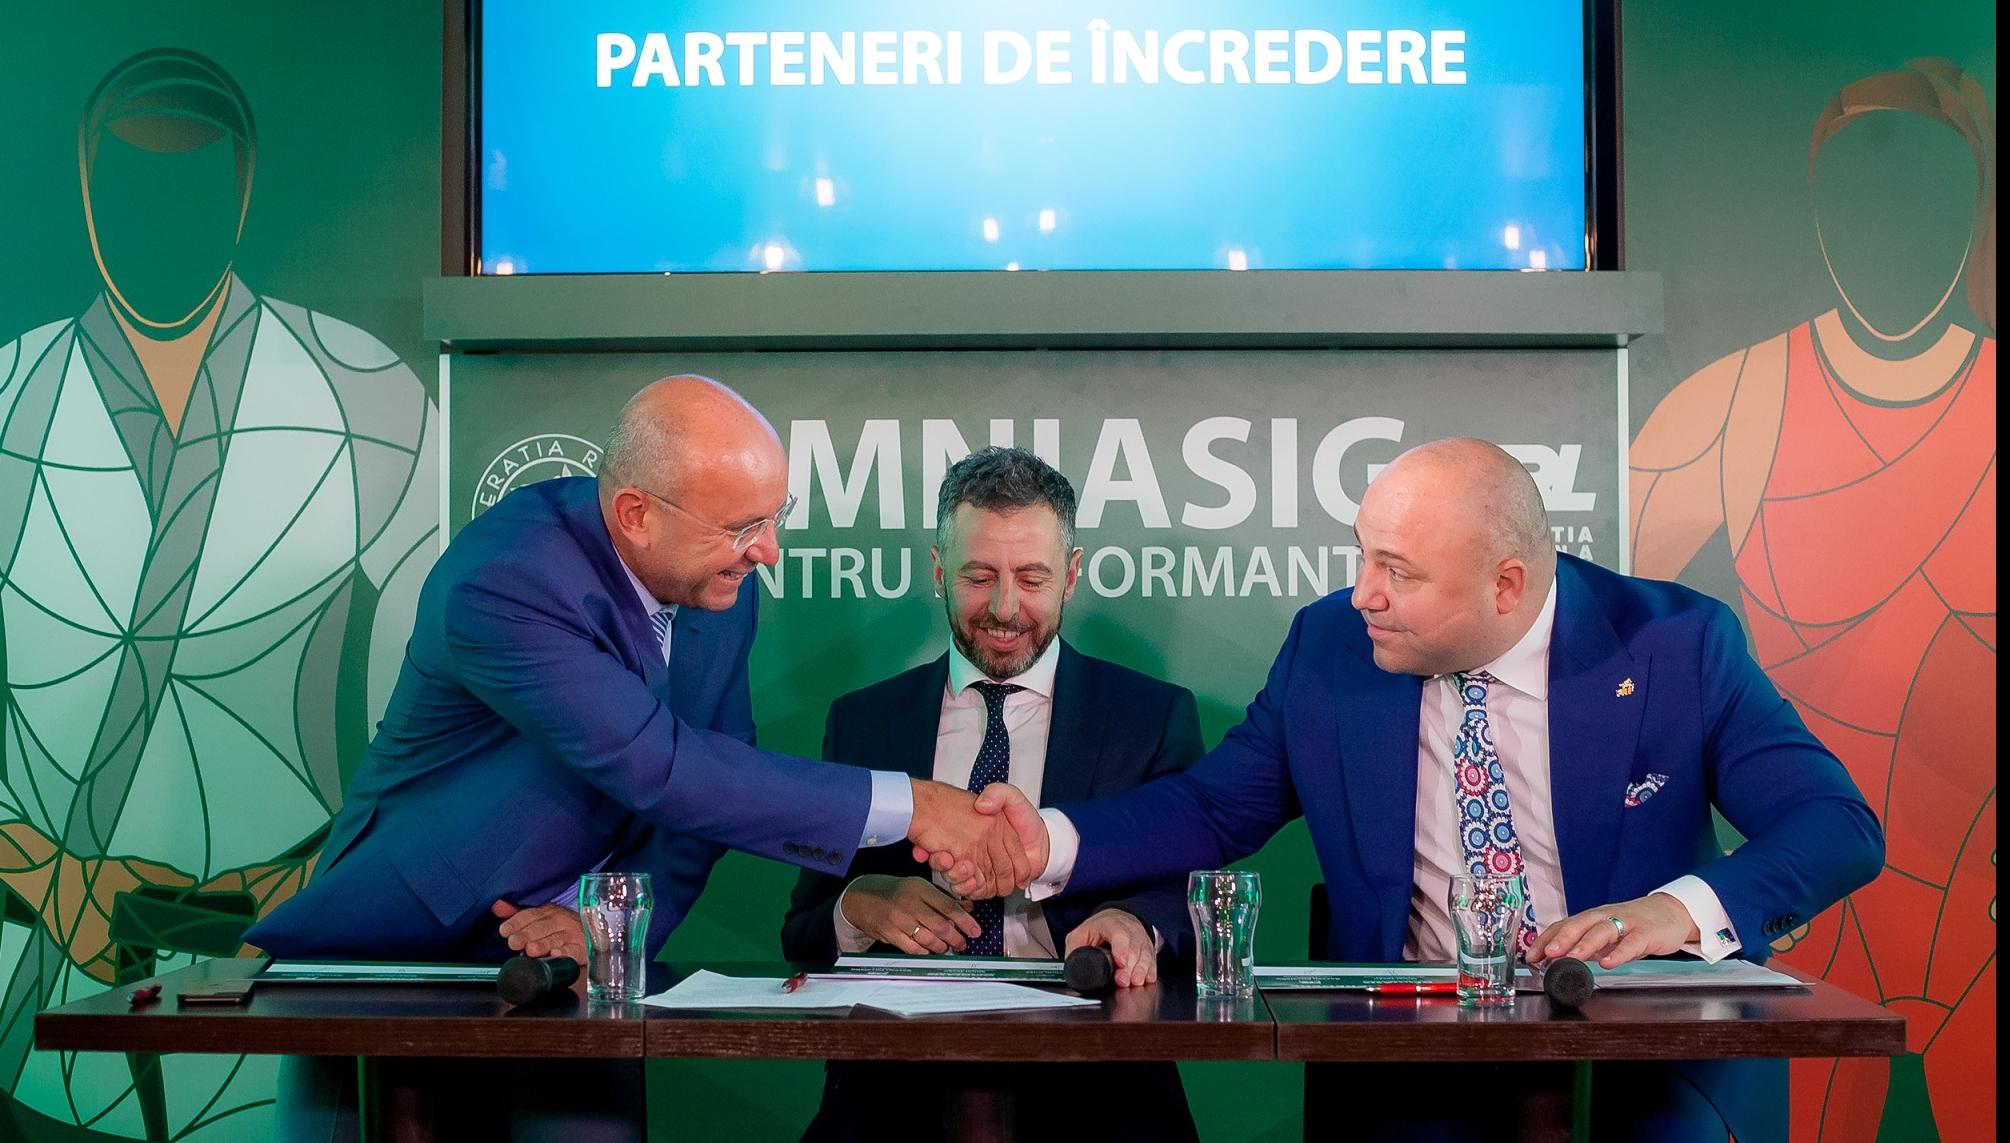 Economica.net | Federaţia Română de Judo şi Federaţia Română de Lupte au un nou partener: OMNIASIG Vienna Insurance Group